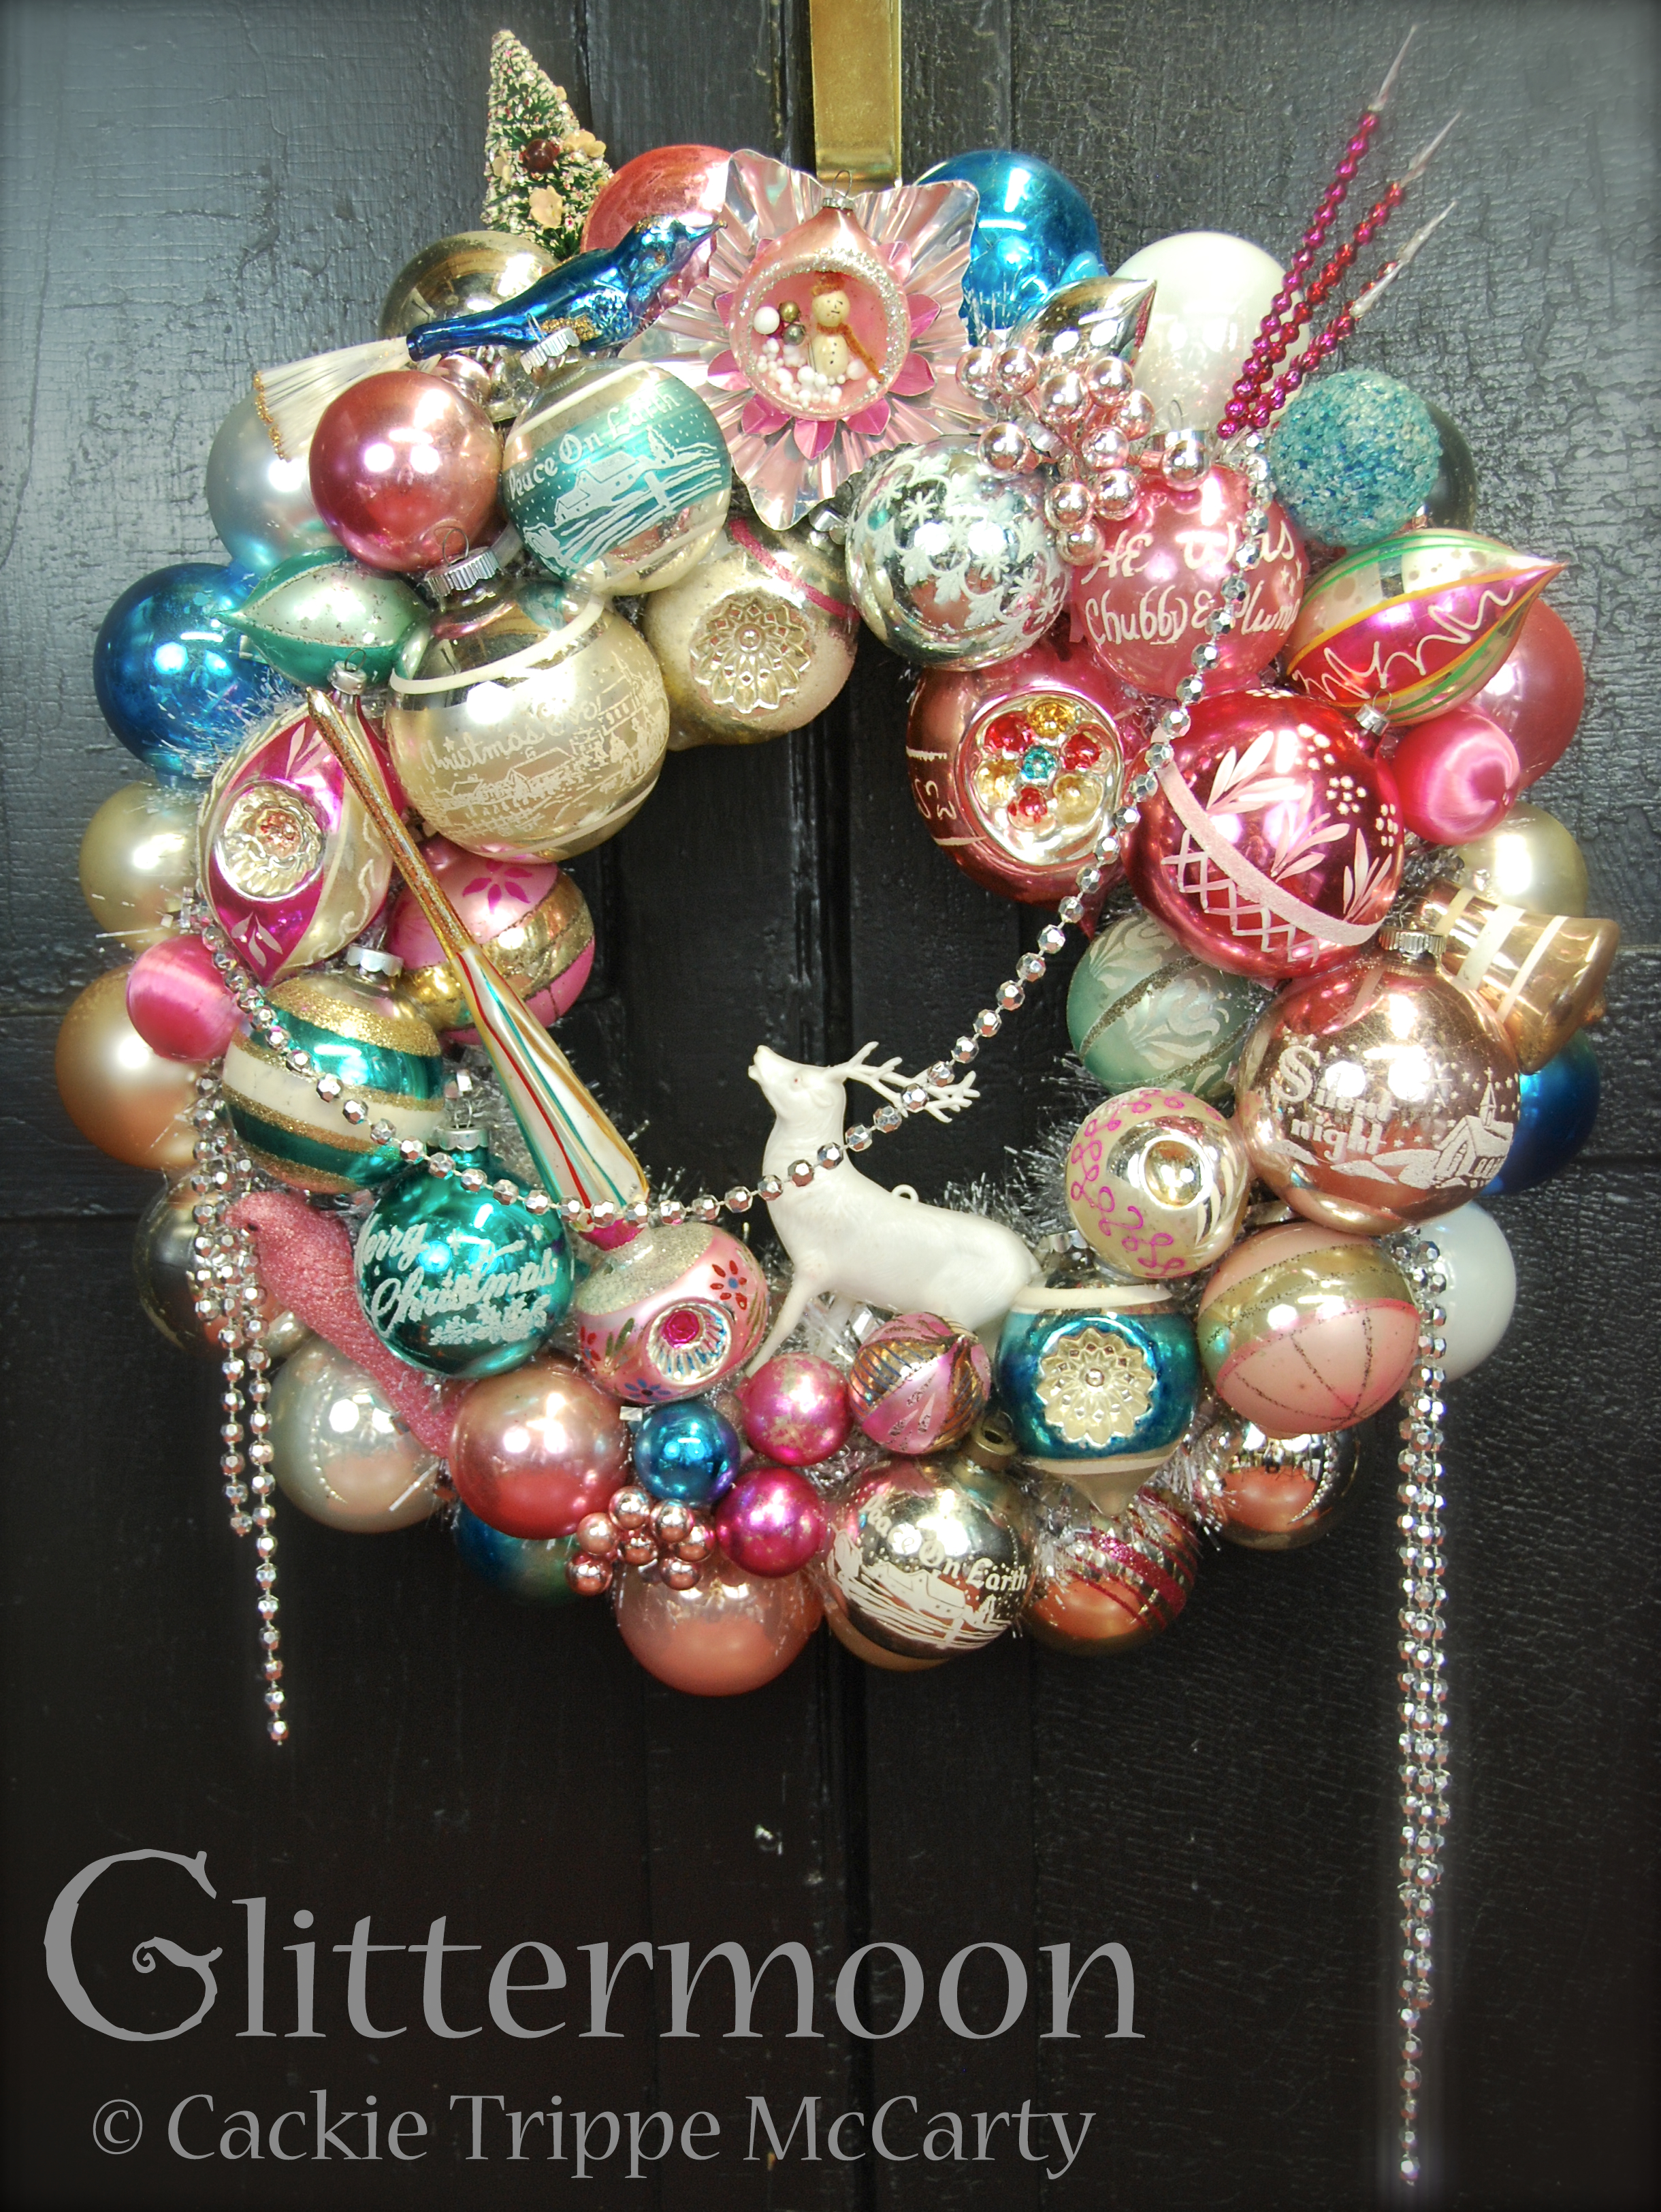 Pink Moon Glittermoon Vintage Christmas